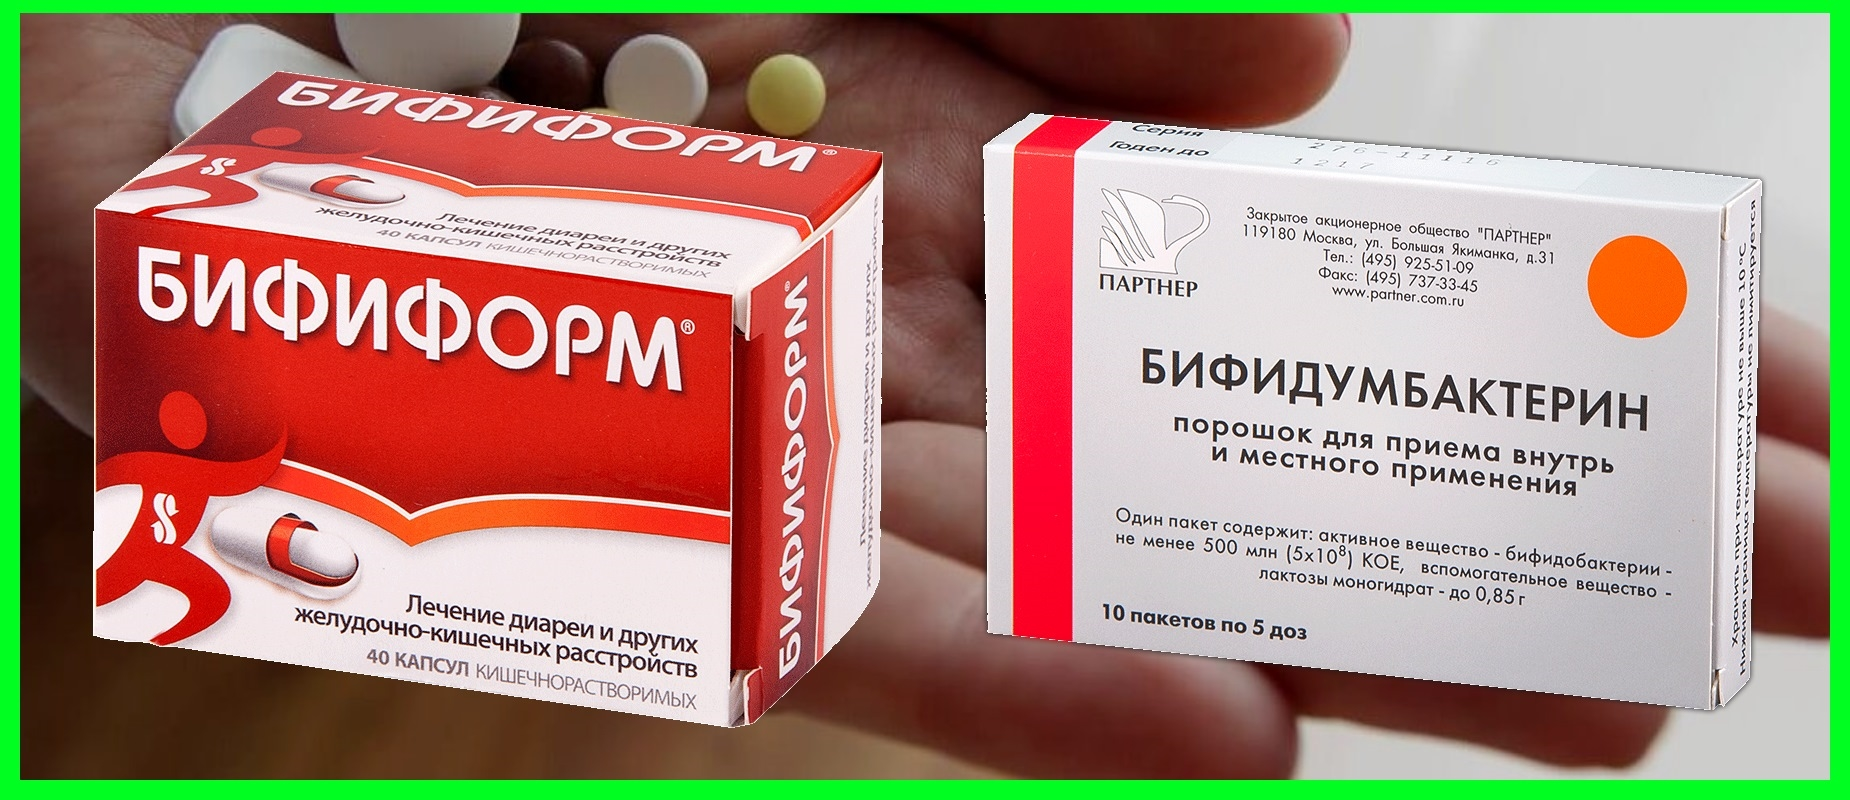 Бифиформ или Бифидумбактерин